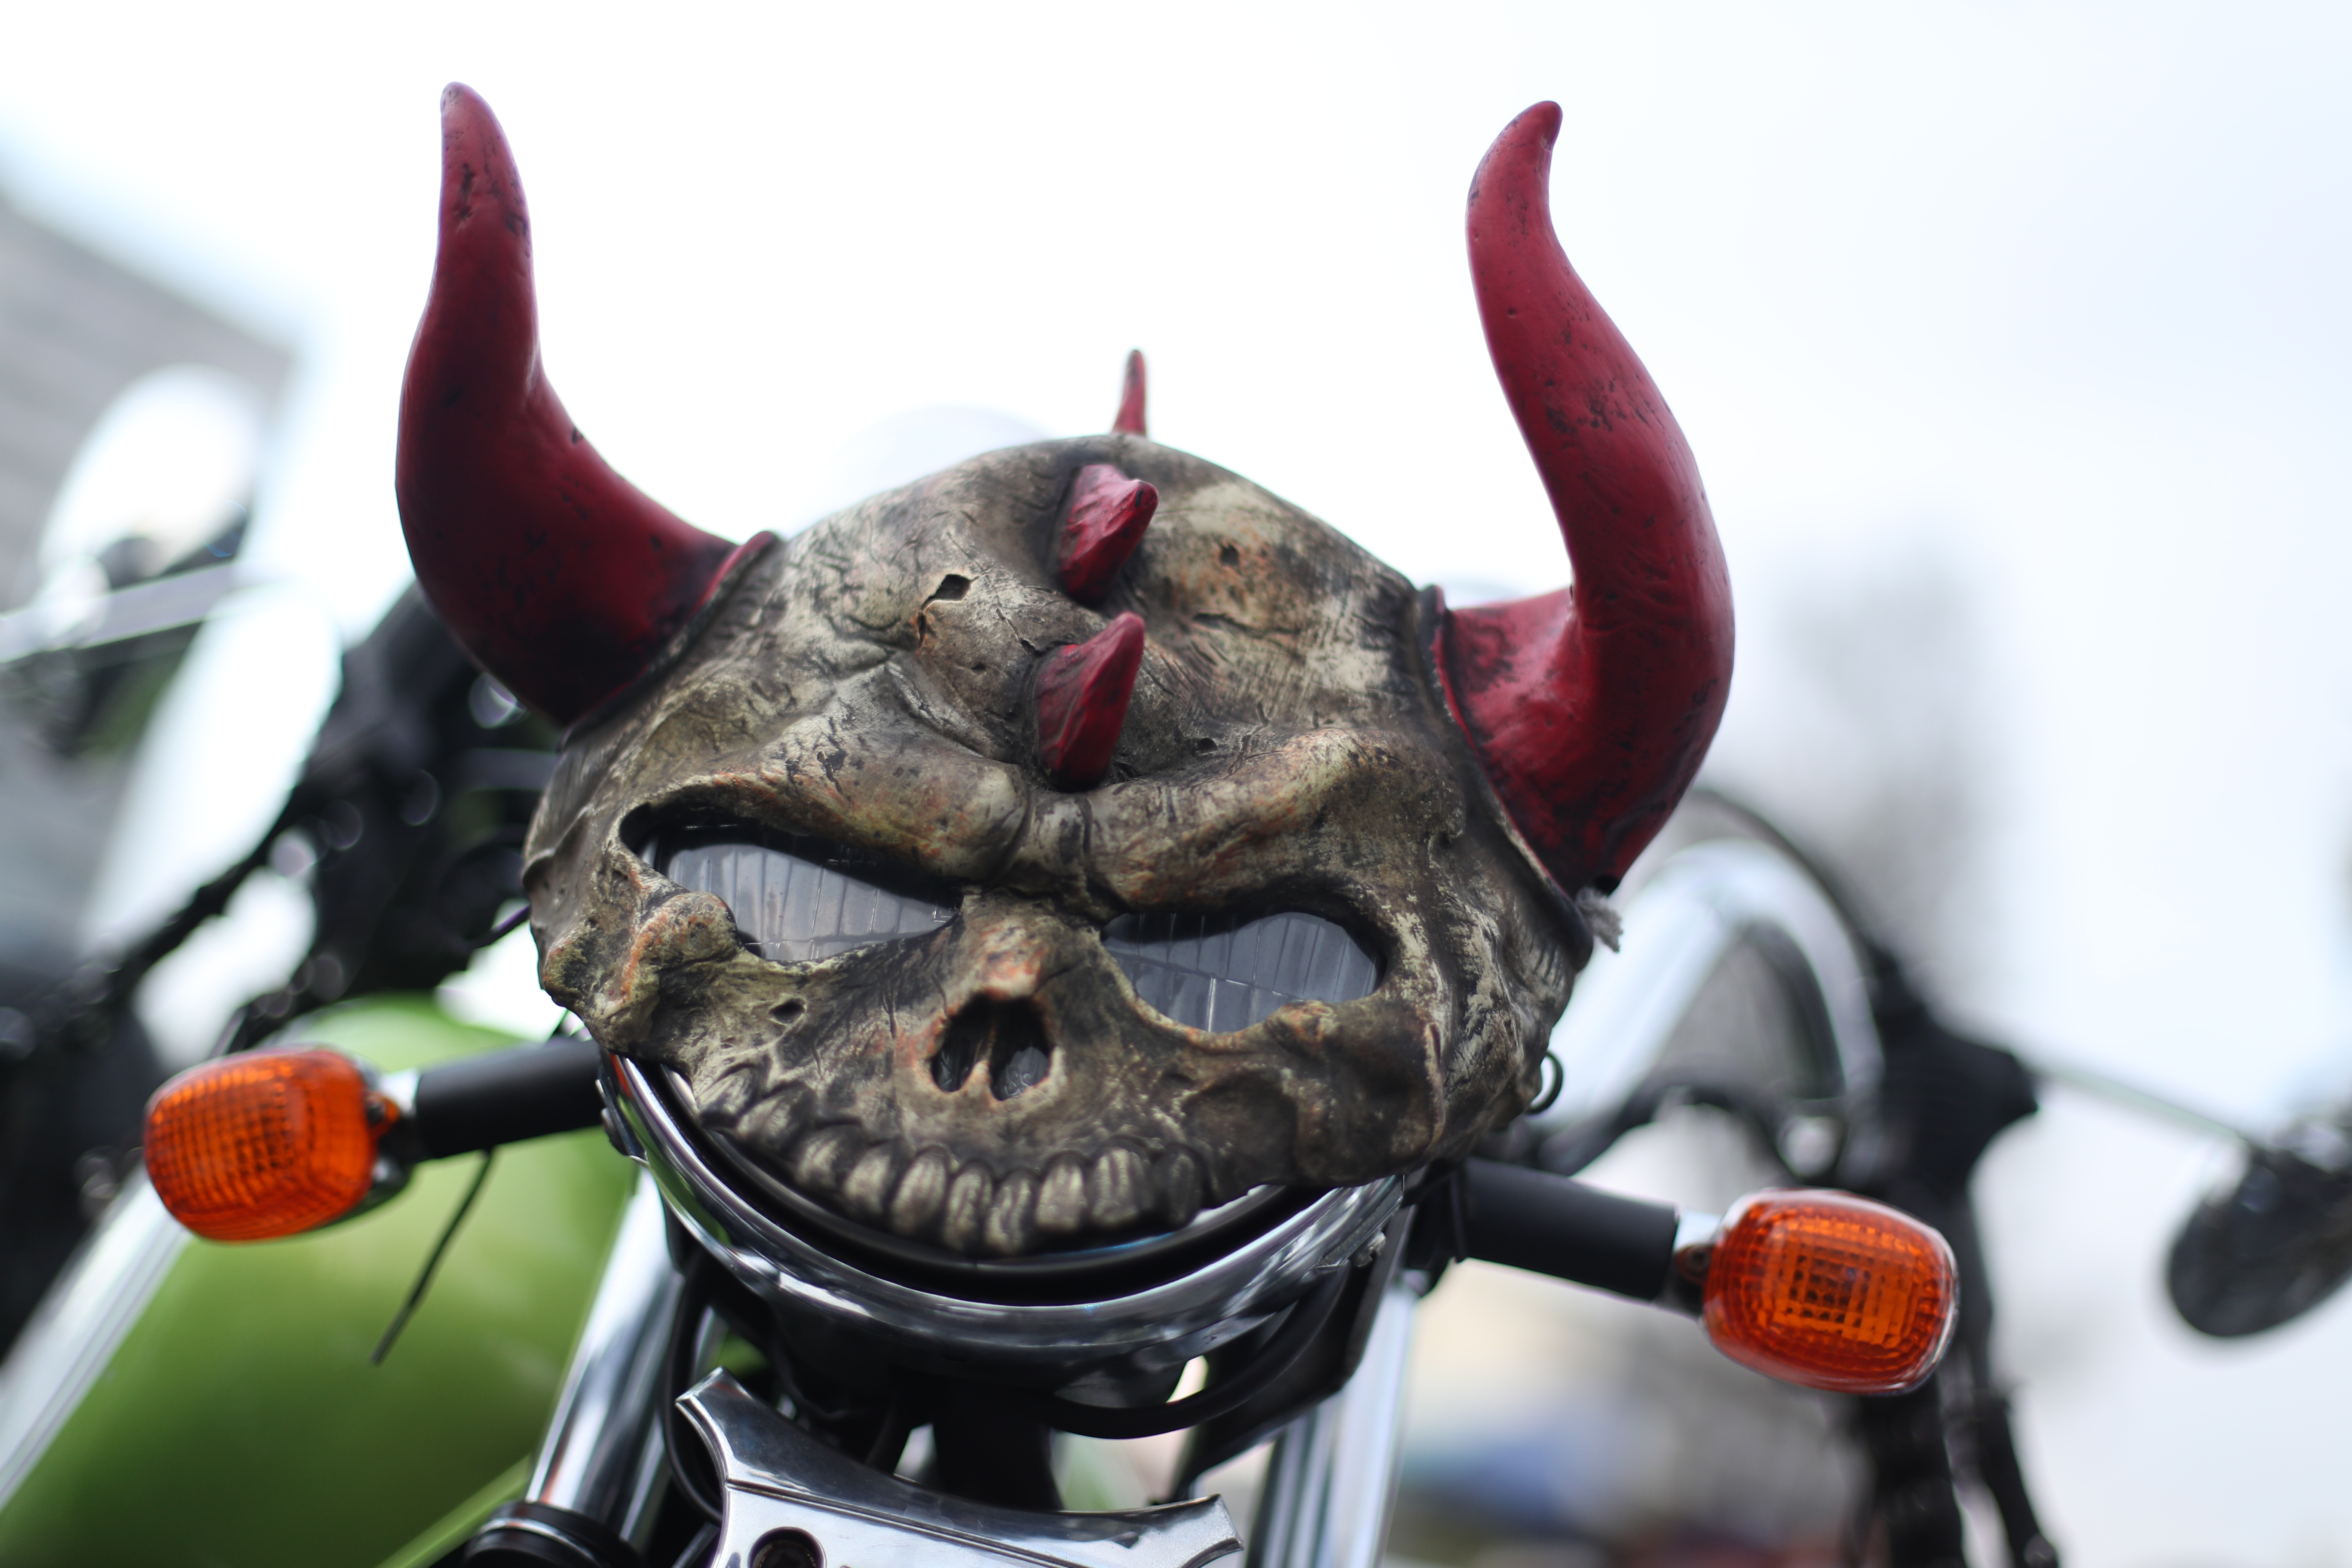 Las motocicletas llevan adornos peculiares.